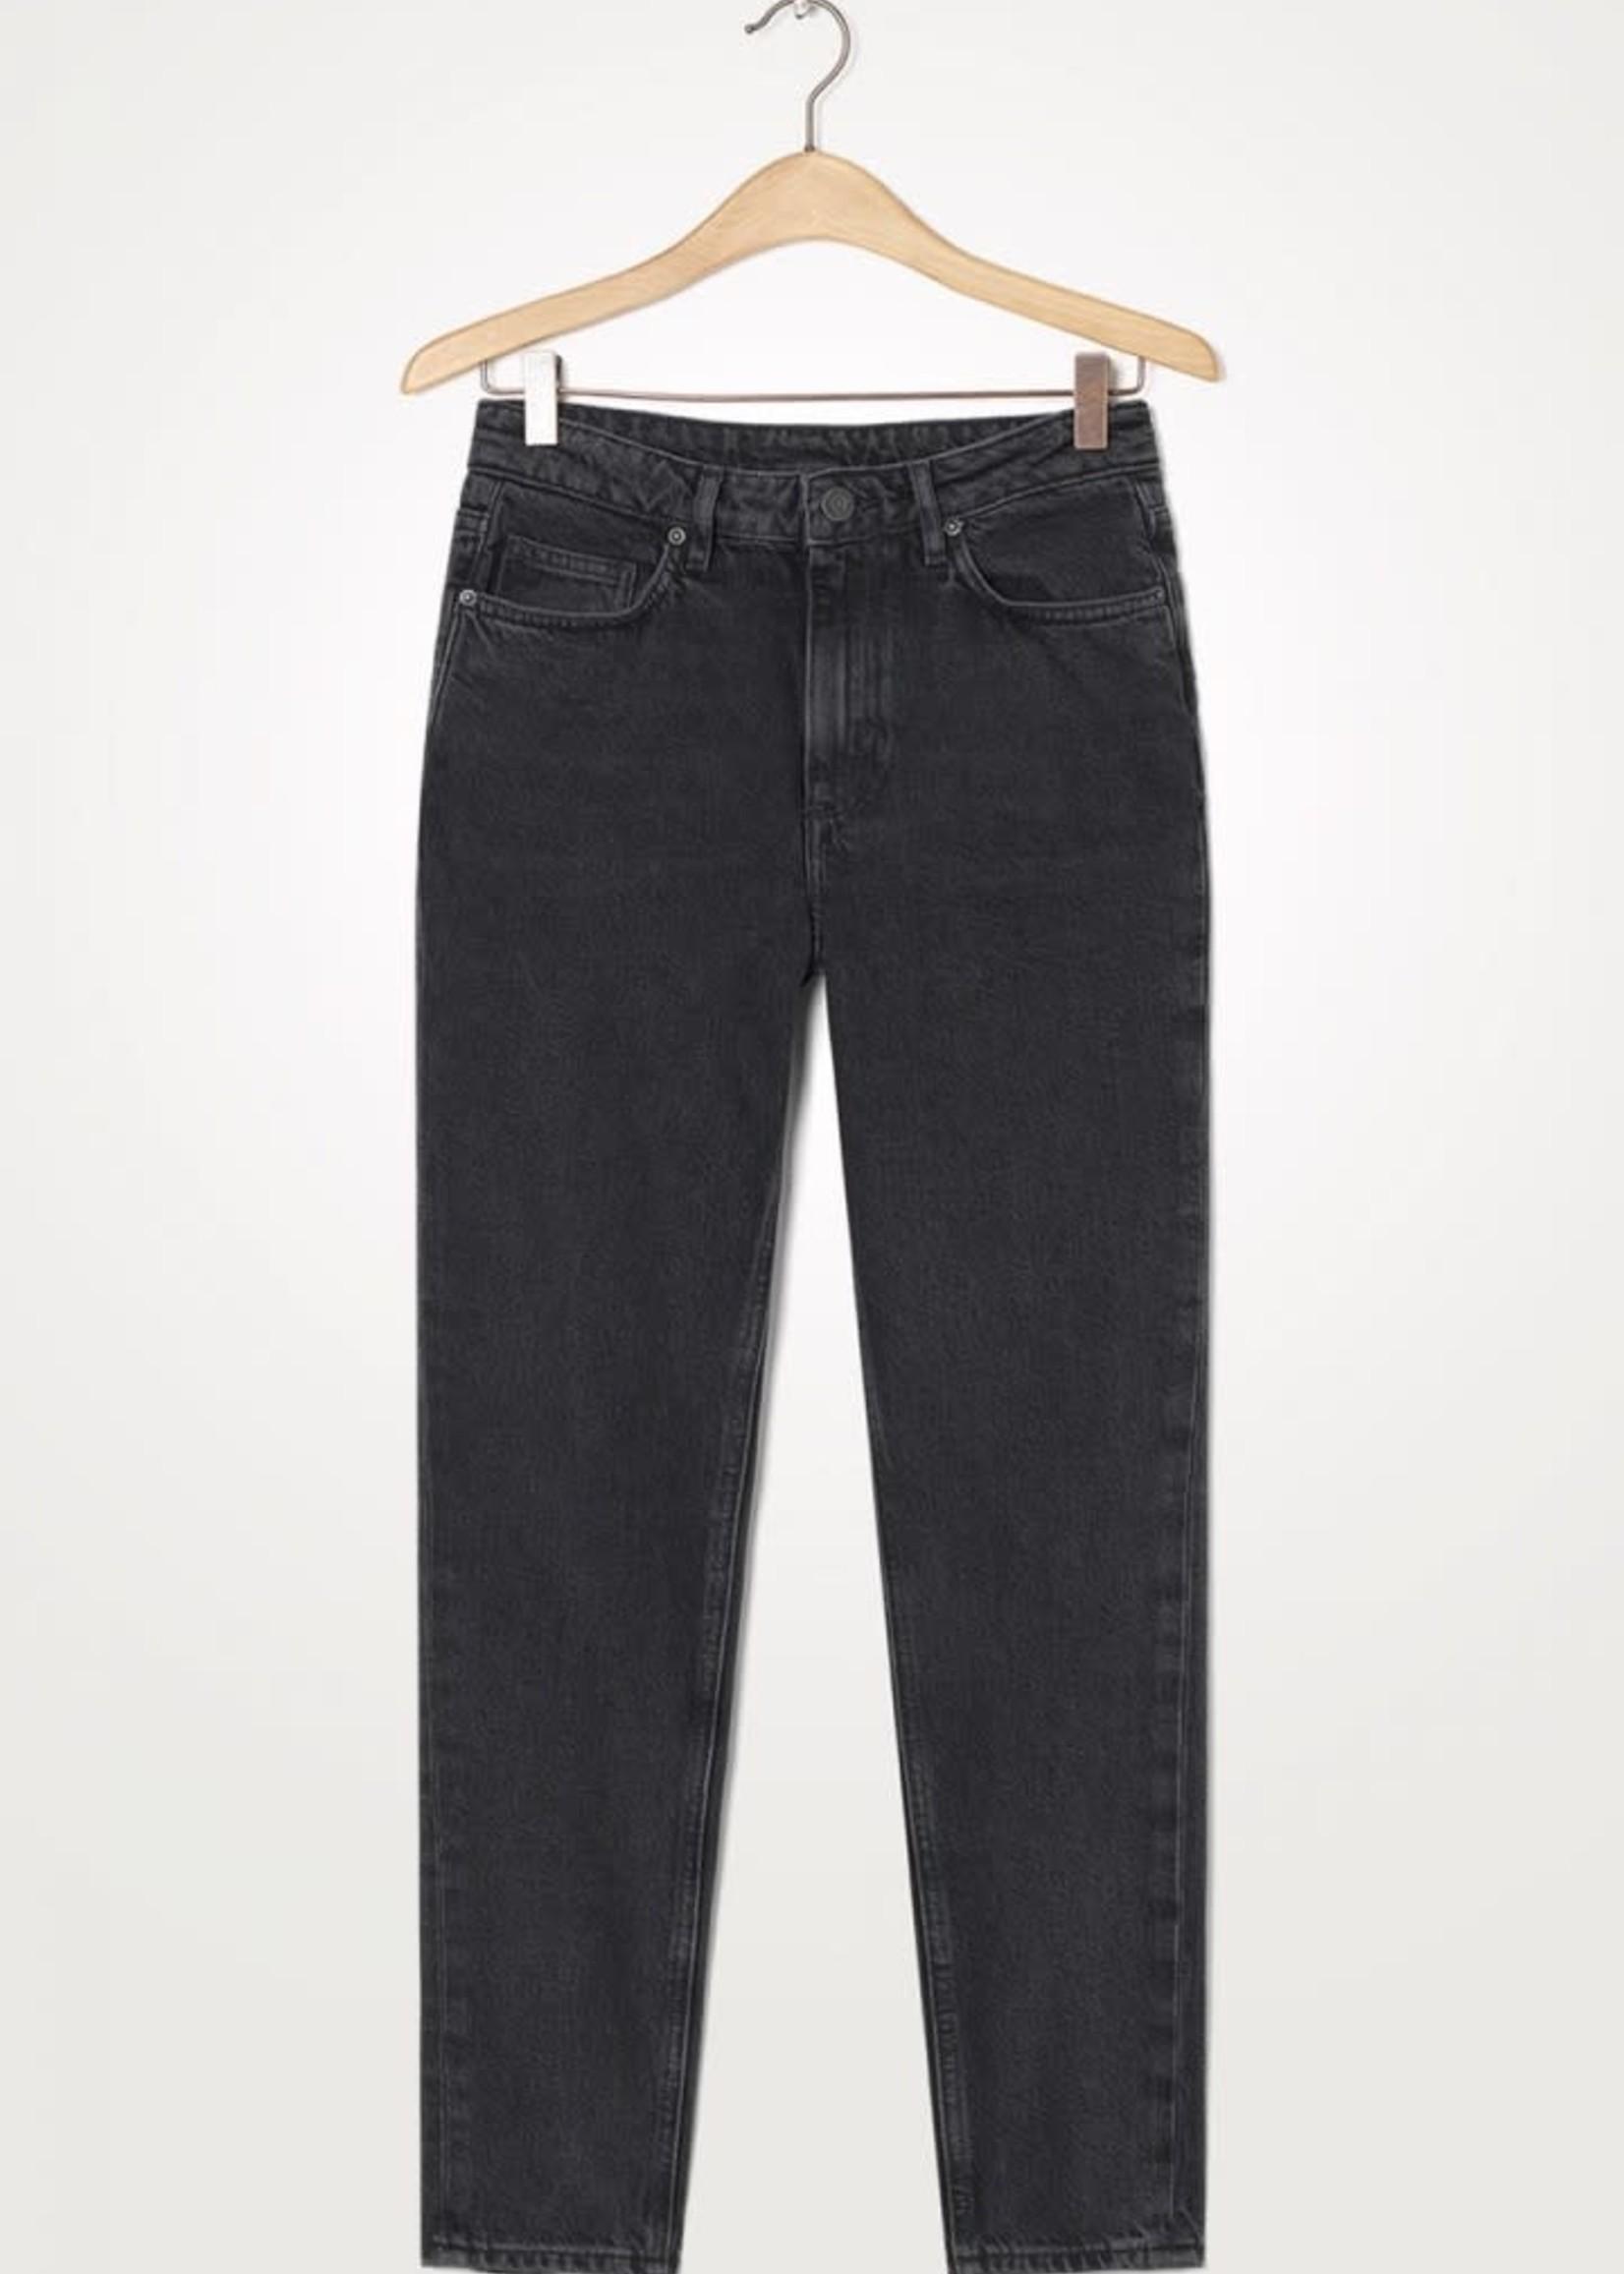 Jeans - Yop